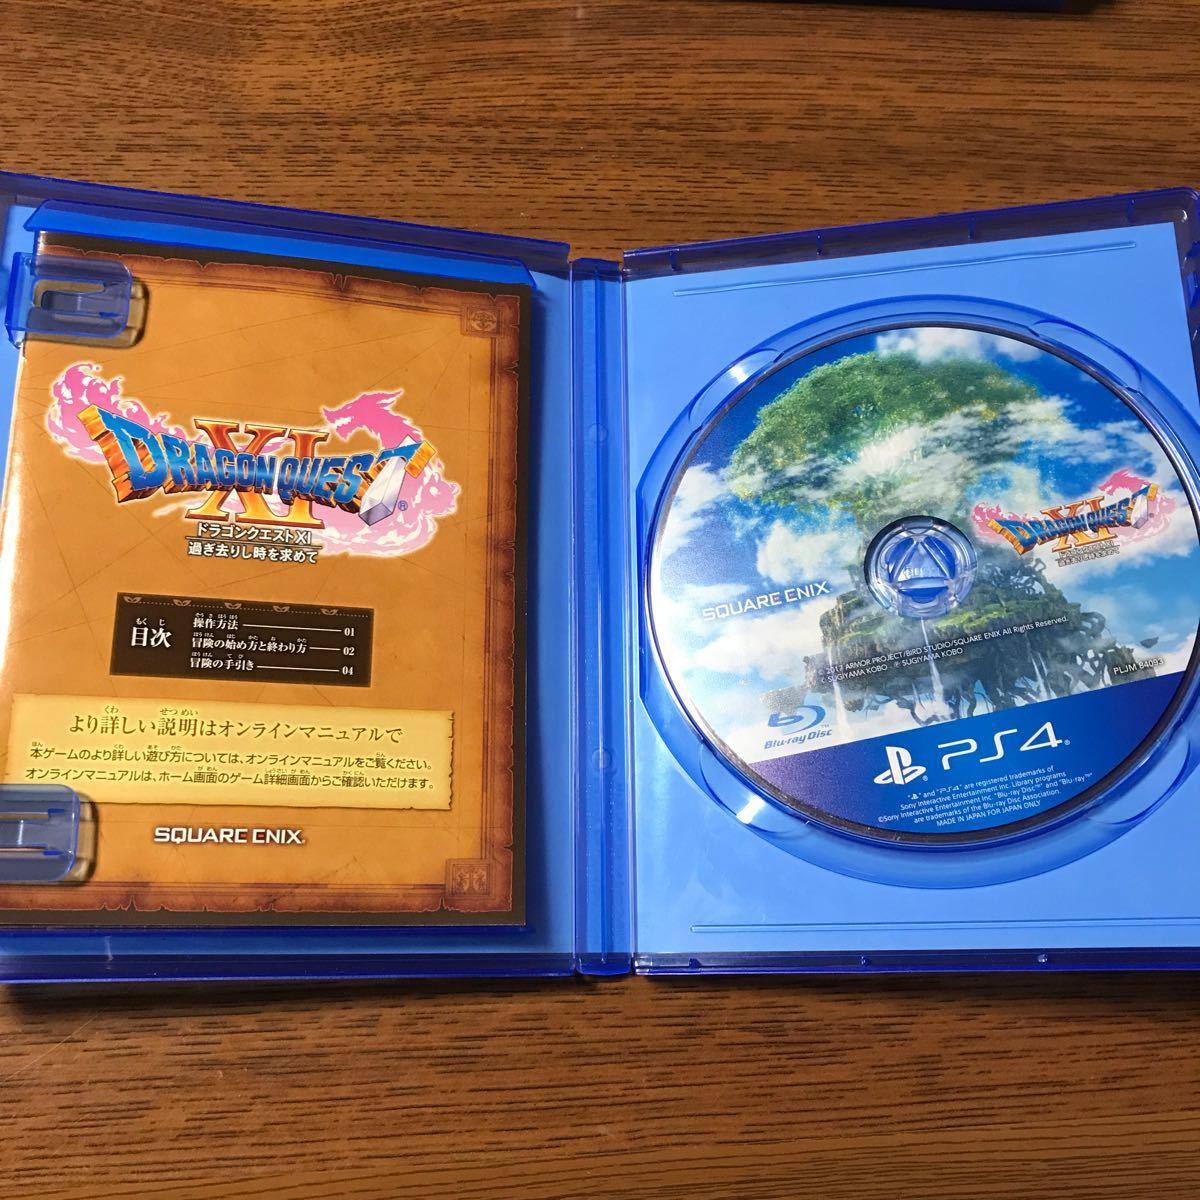 PS4 ドラゴンクエストXI過ぎ去りし時を求めて 24時間以内発送!